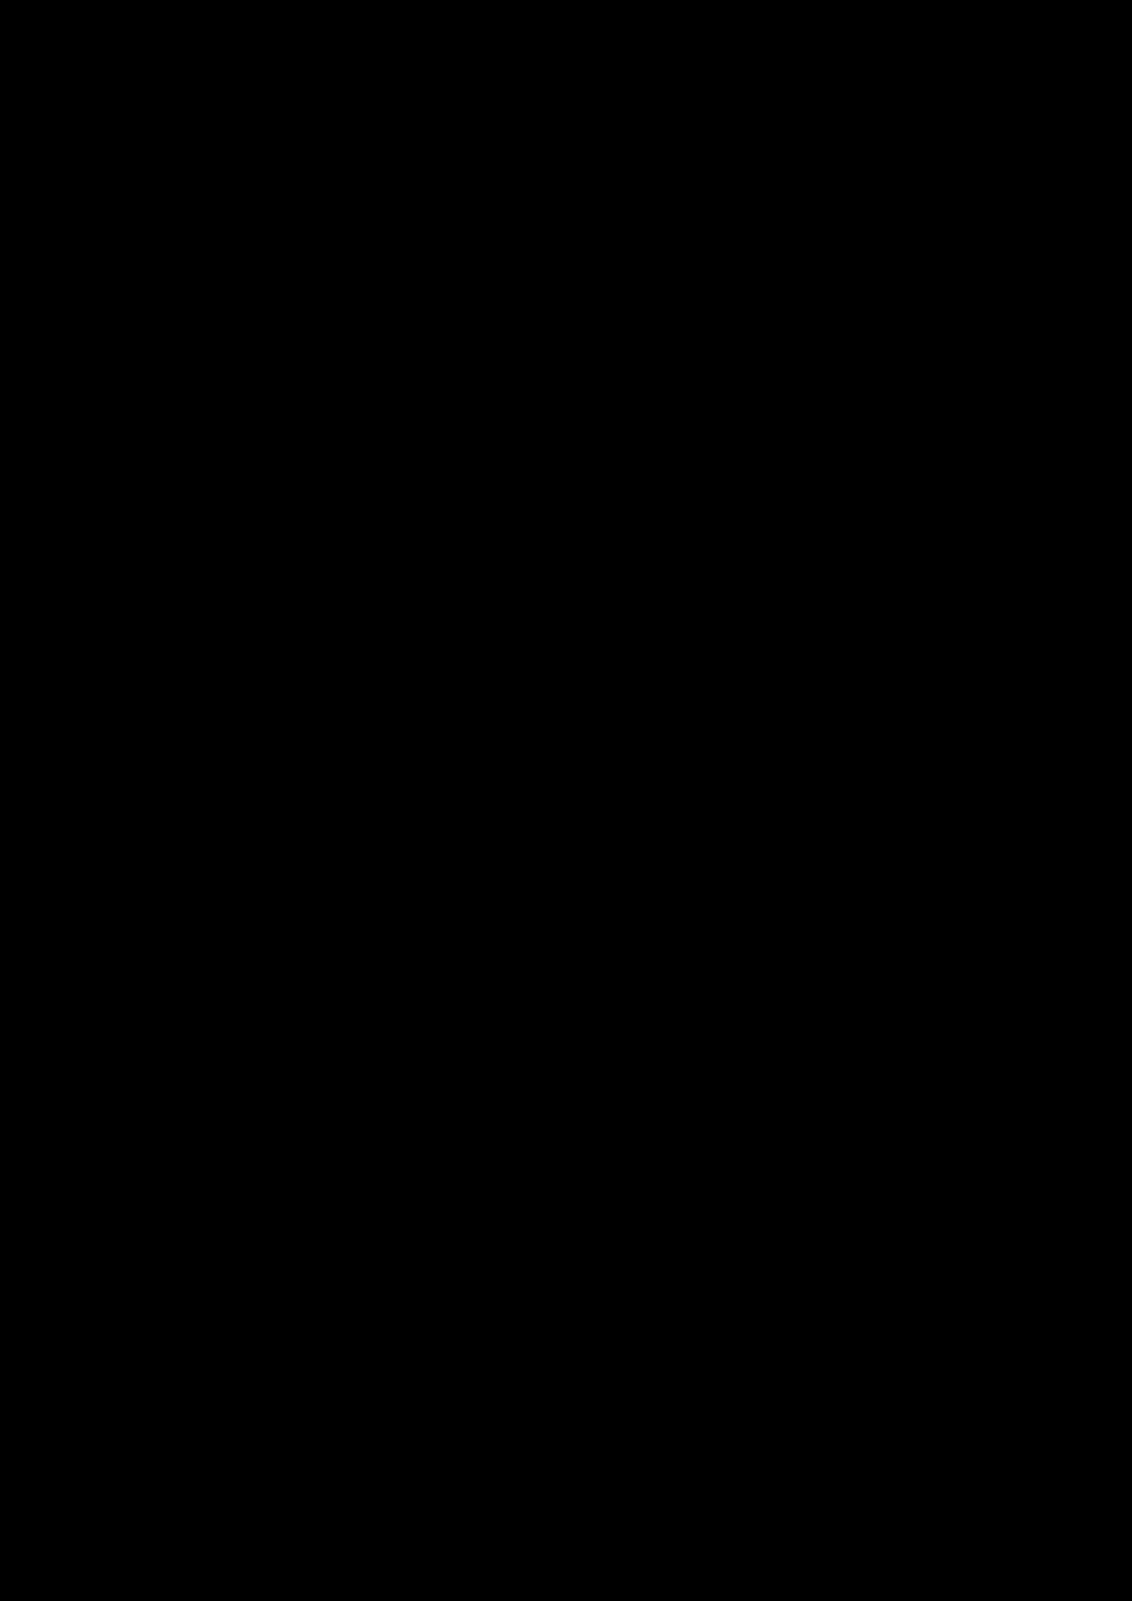 Serdtse slide, Image 11